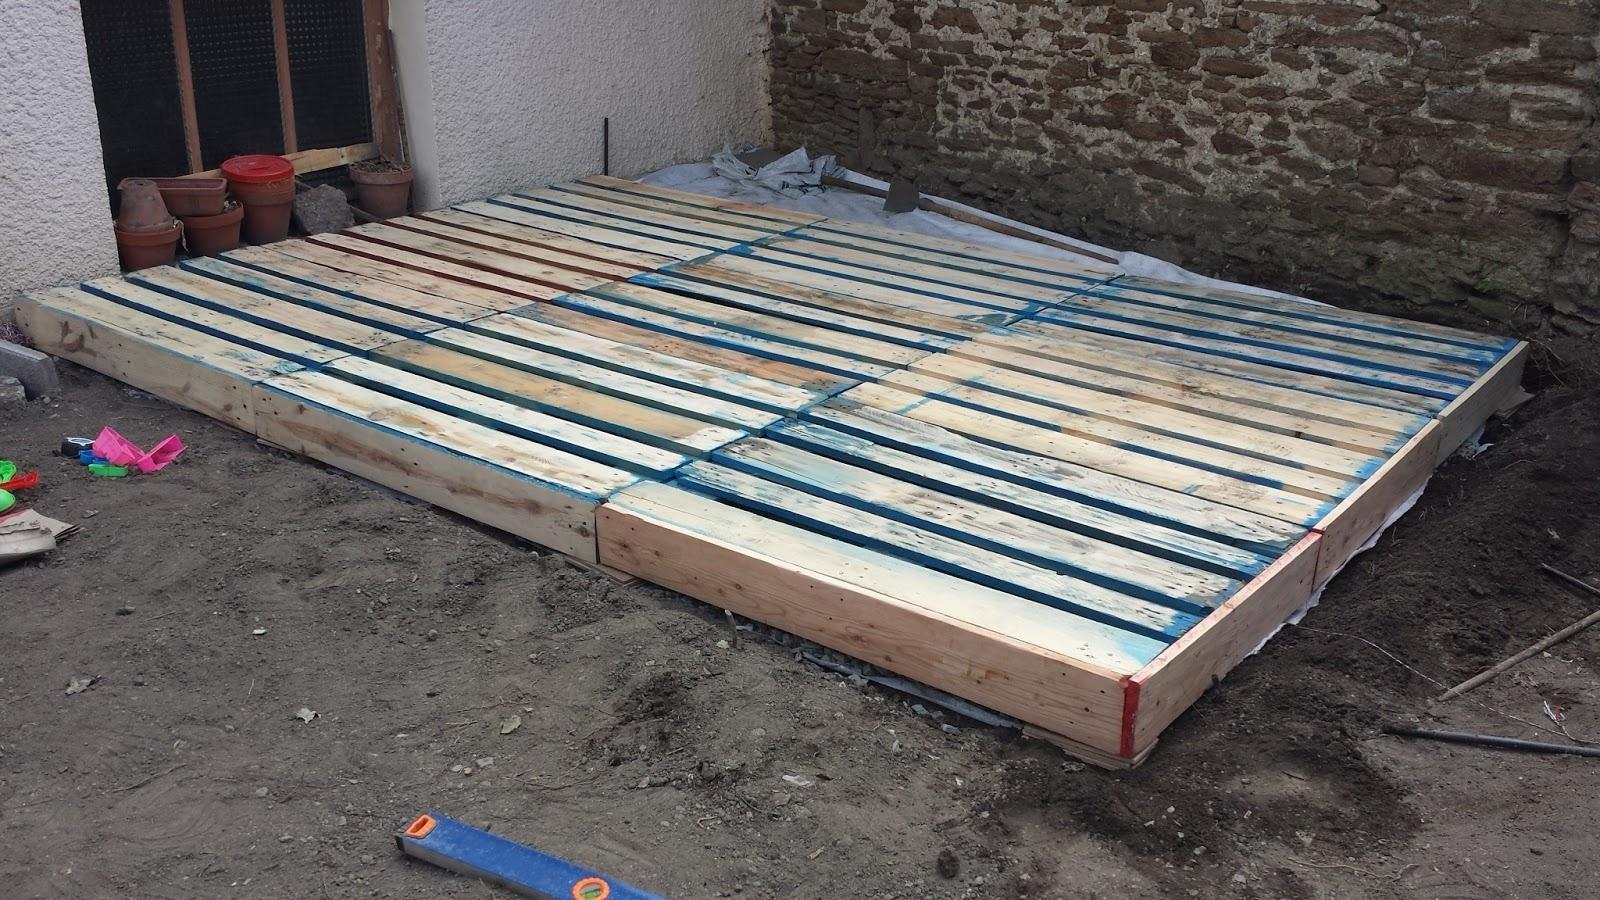 tutoriel pour faire une terrasse design en palettes facilement id es et tuto de cr ations d. Black Bedroom Furniture Sets. Home Design Ideas